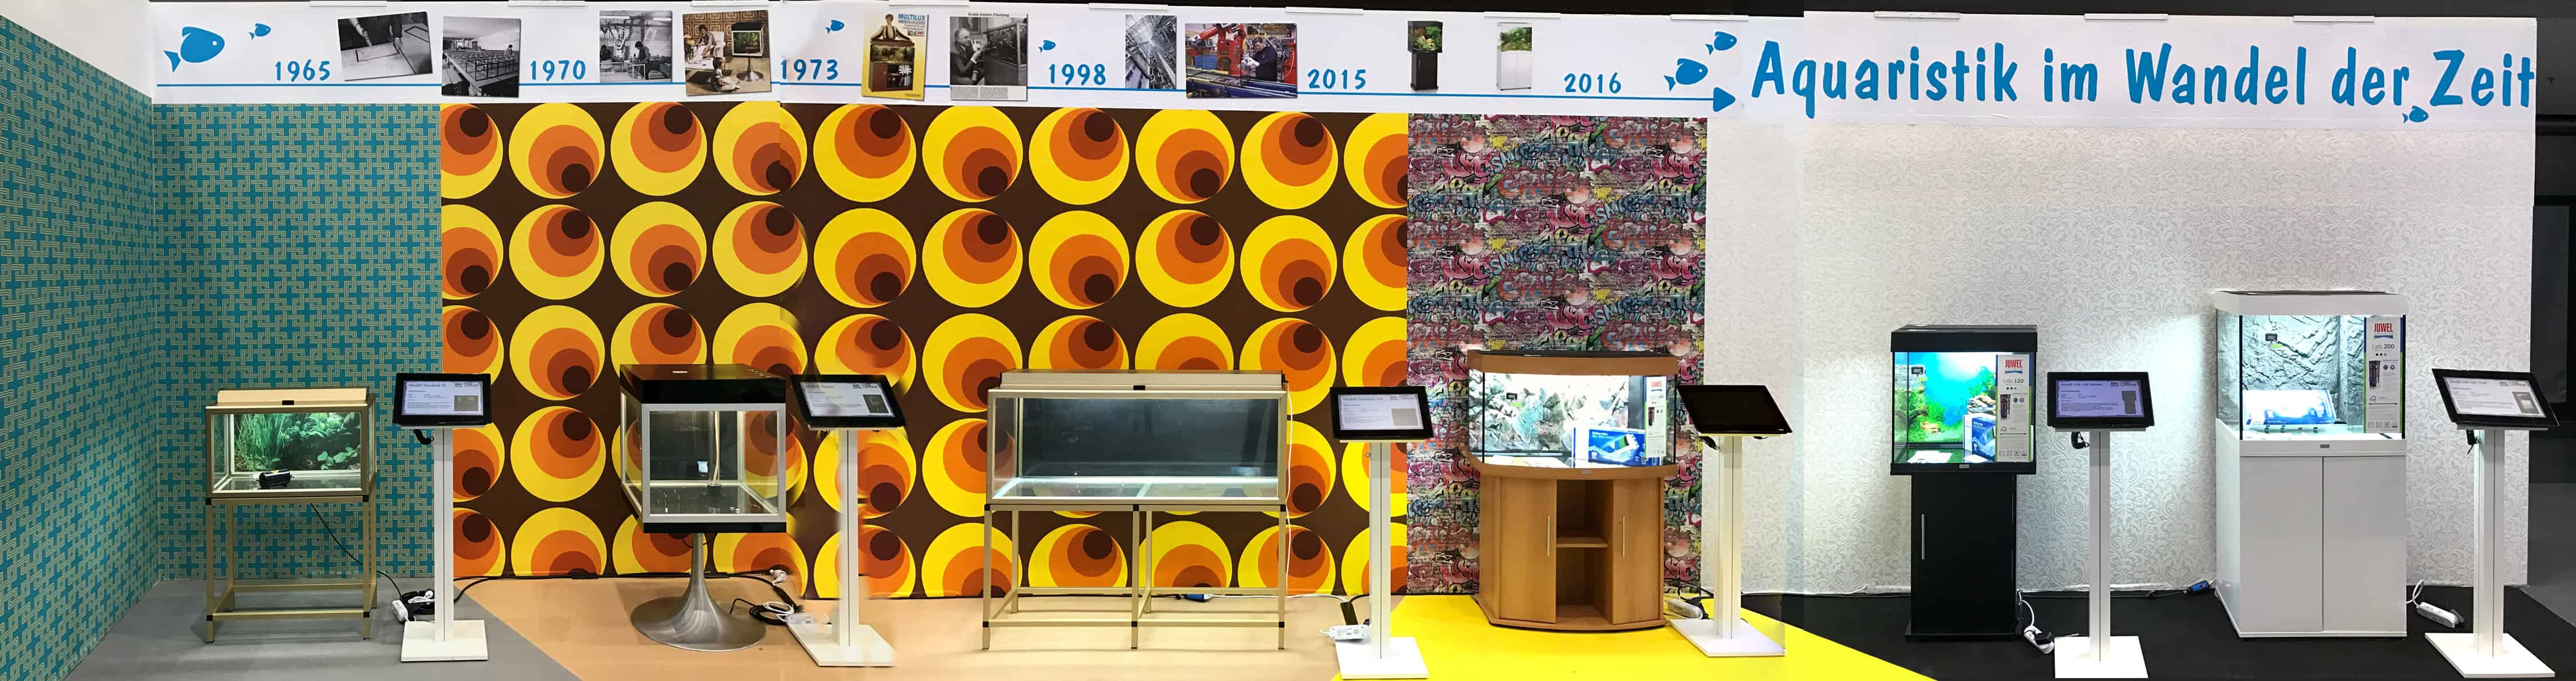 Das Aquarium von damals bis heute - Der Wandel 1